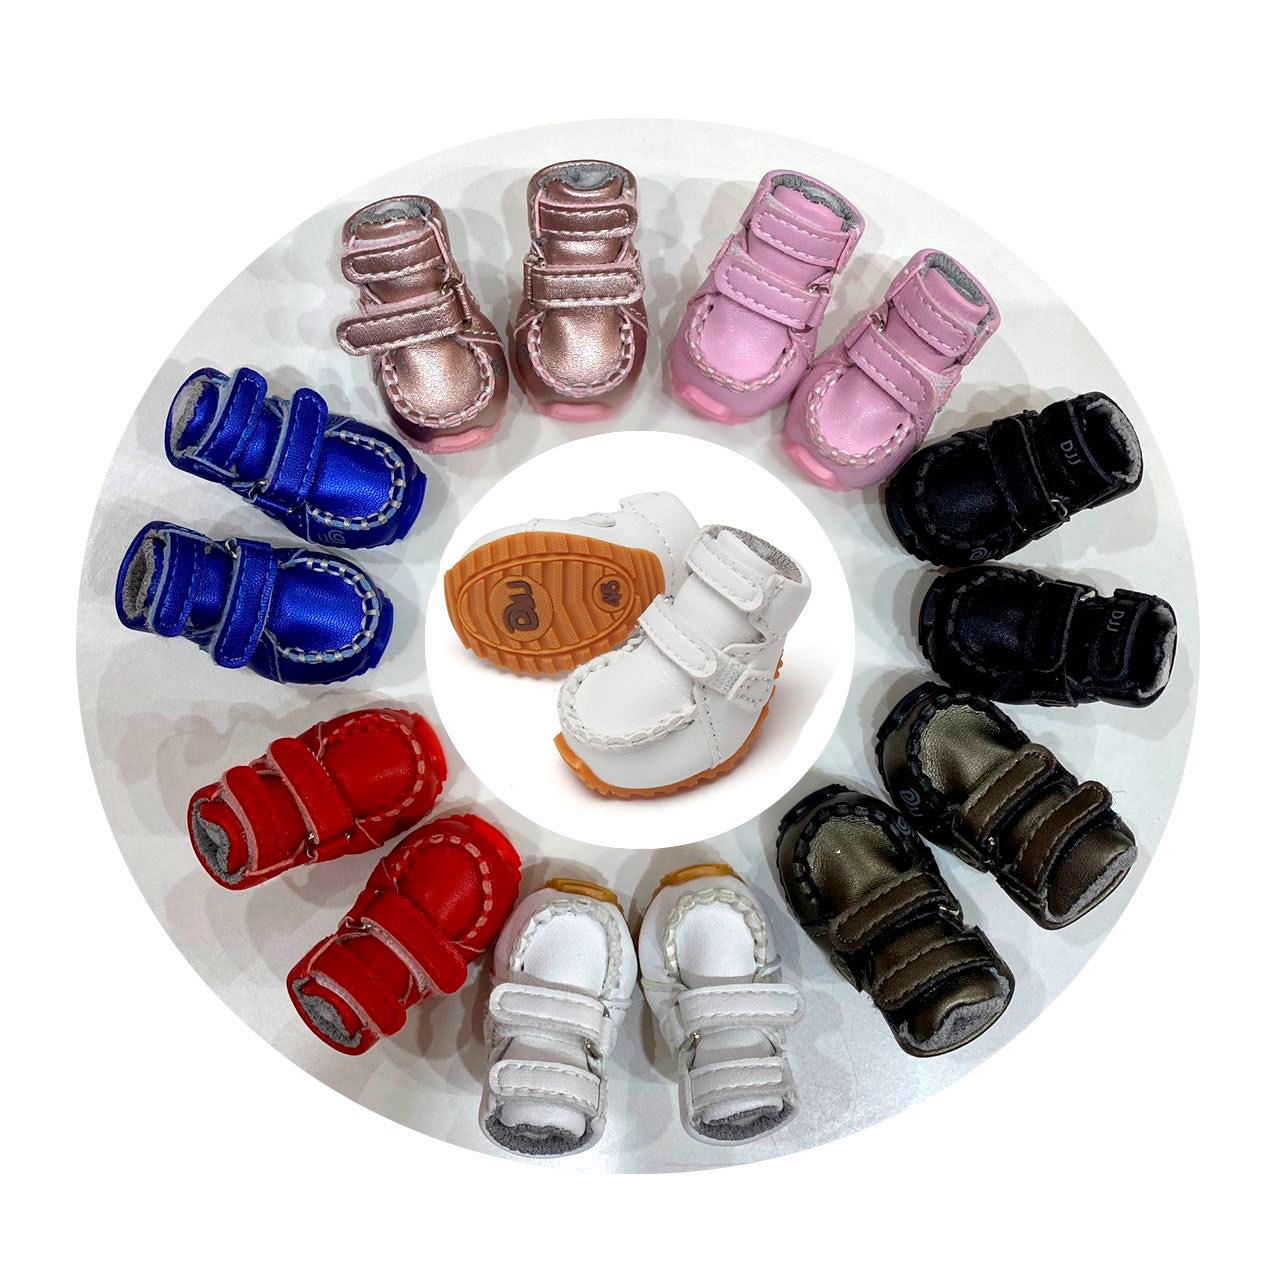 302 эргономичные ботинки для собак из эко кожи